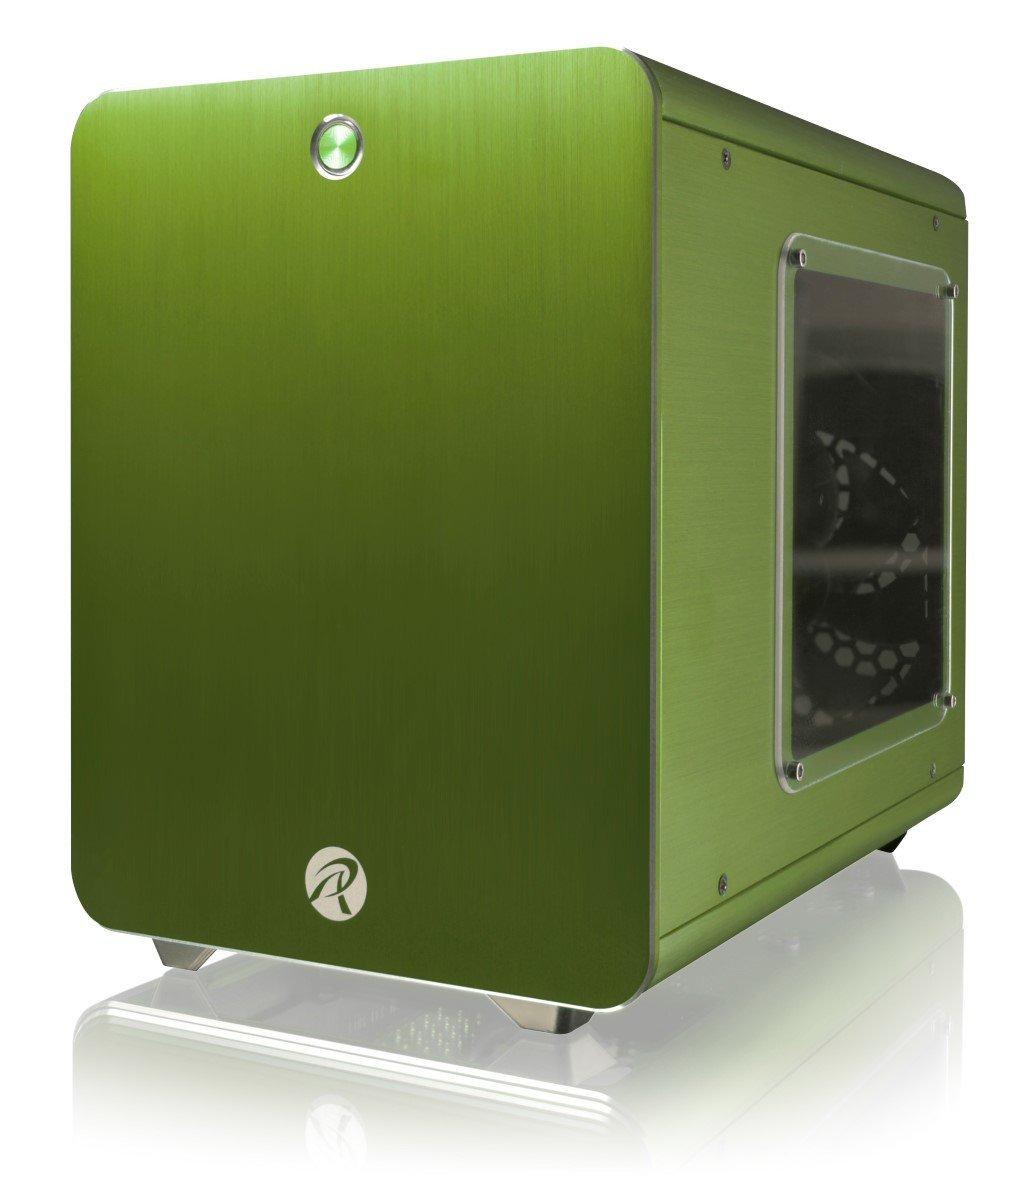 想像を超えての RAIJINTEK METISシリーズ キューブ型アルミニウム製Mini-ITXケース 0R200006 (METIS BLACK) RAIJINTEK B00O3J5POU (METIS グリーン BLACK) グリーン, PARTICULIERE/Chardin:1a5b807f --- ballyshannonshow.com